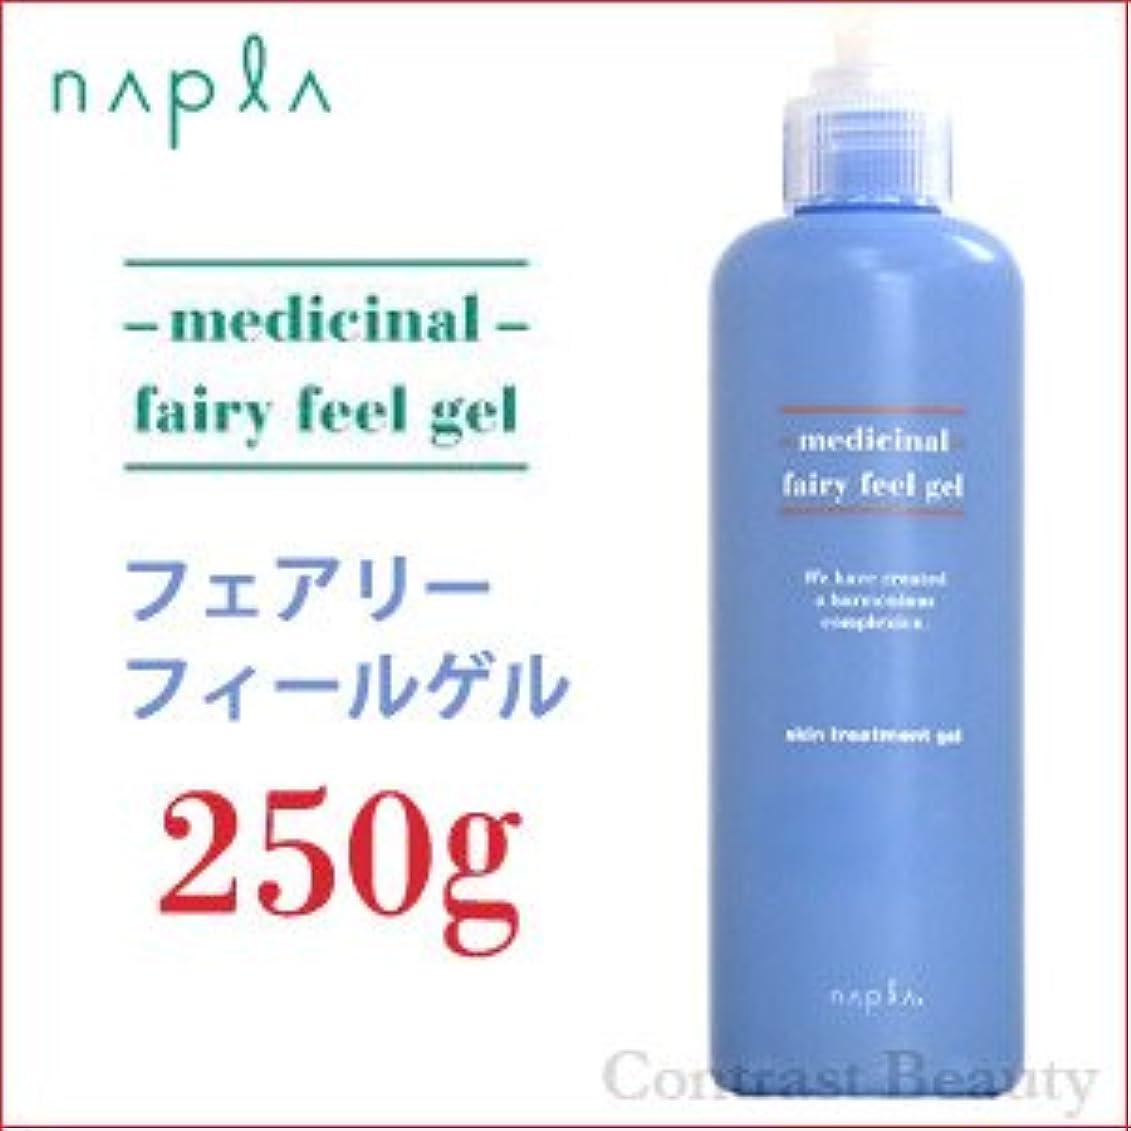 困惑した所属パトワ【X4個セット】 ナプラ 薬用フェアリーフィールゲル 250g